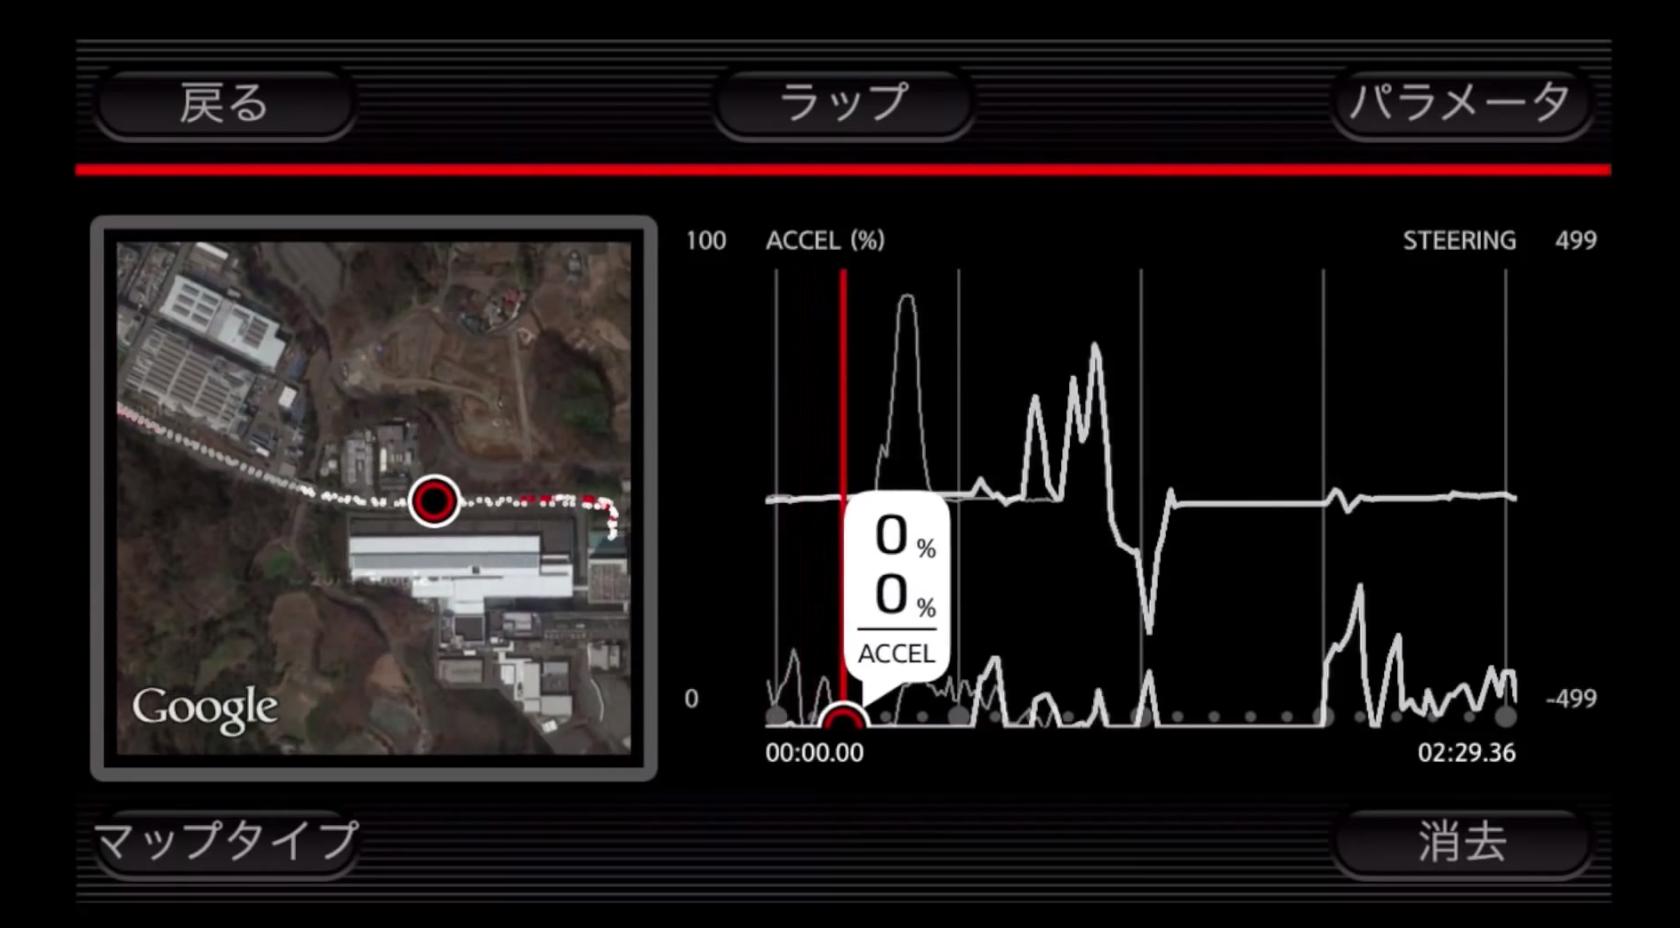 Screen Shot 2014-09-04 at 2.53.04 PM.png